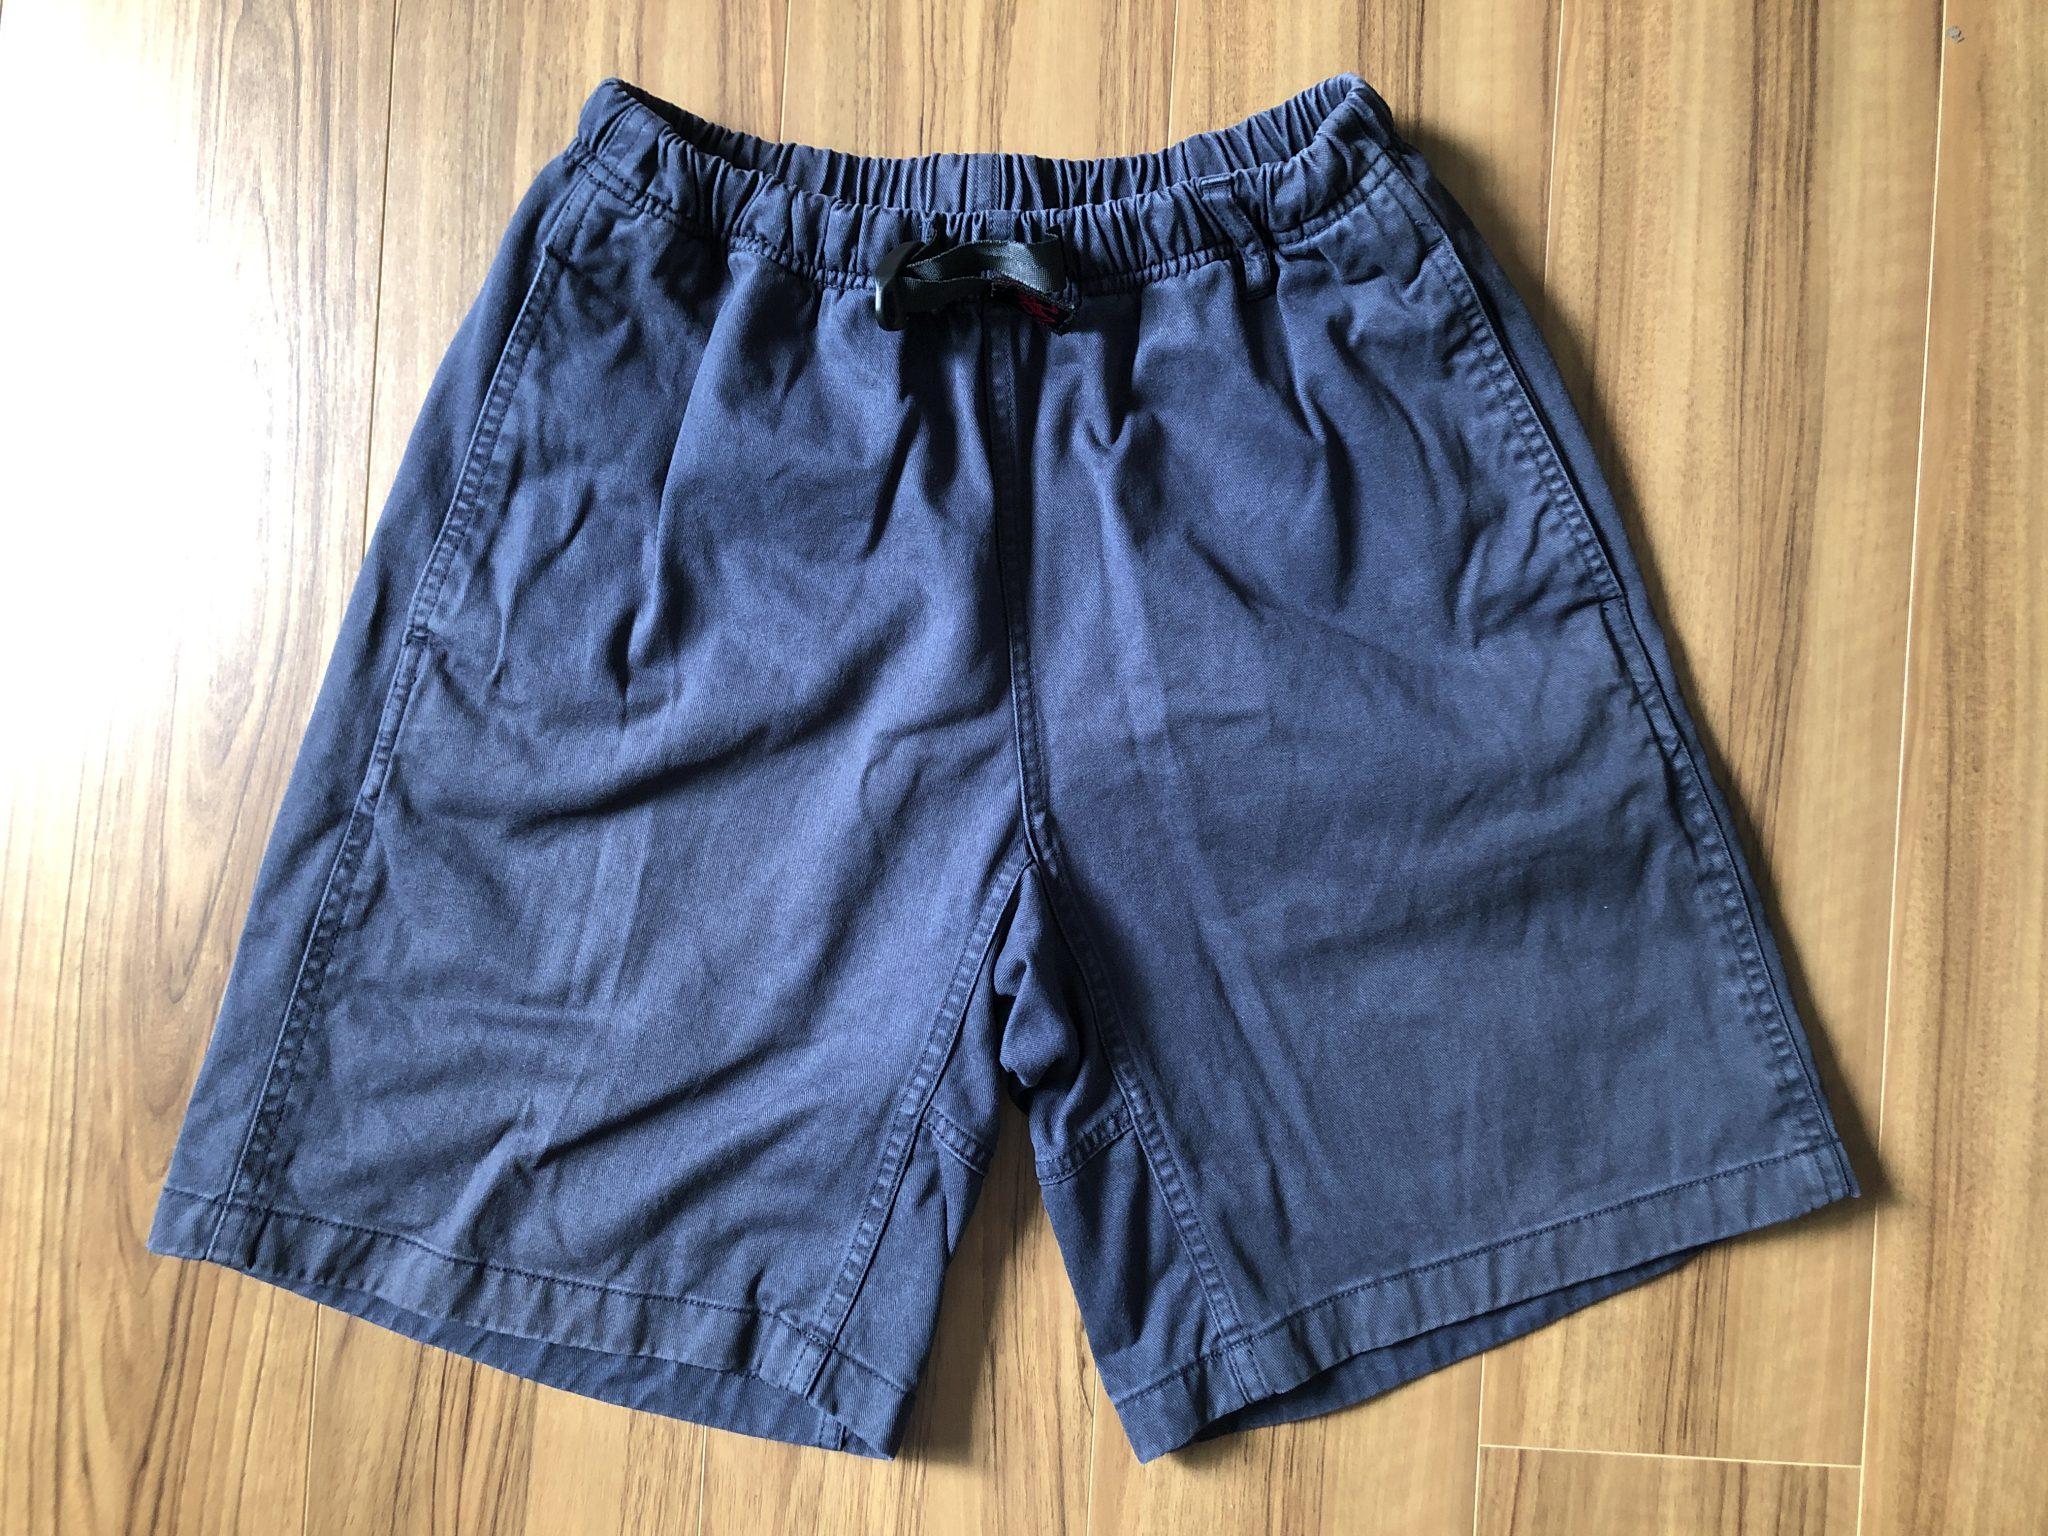 グラミチ Gショーツ Gramicci G-Shorts エイジング 経年変化 3年 ダブルネイビー ネイビー